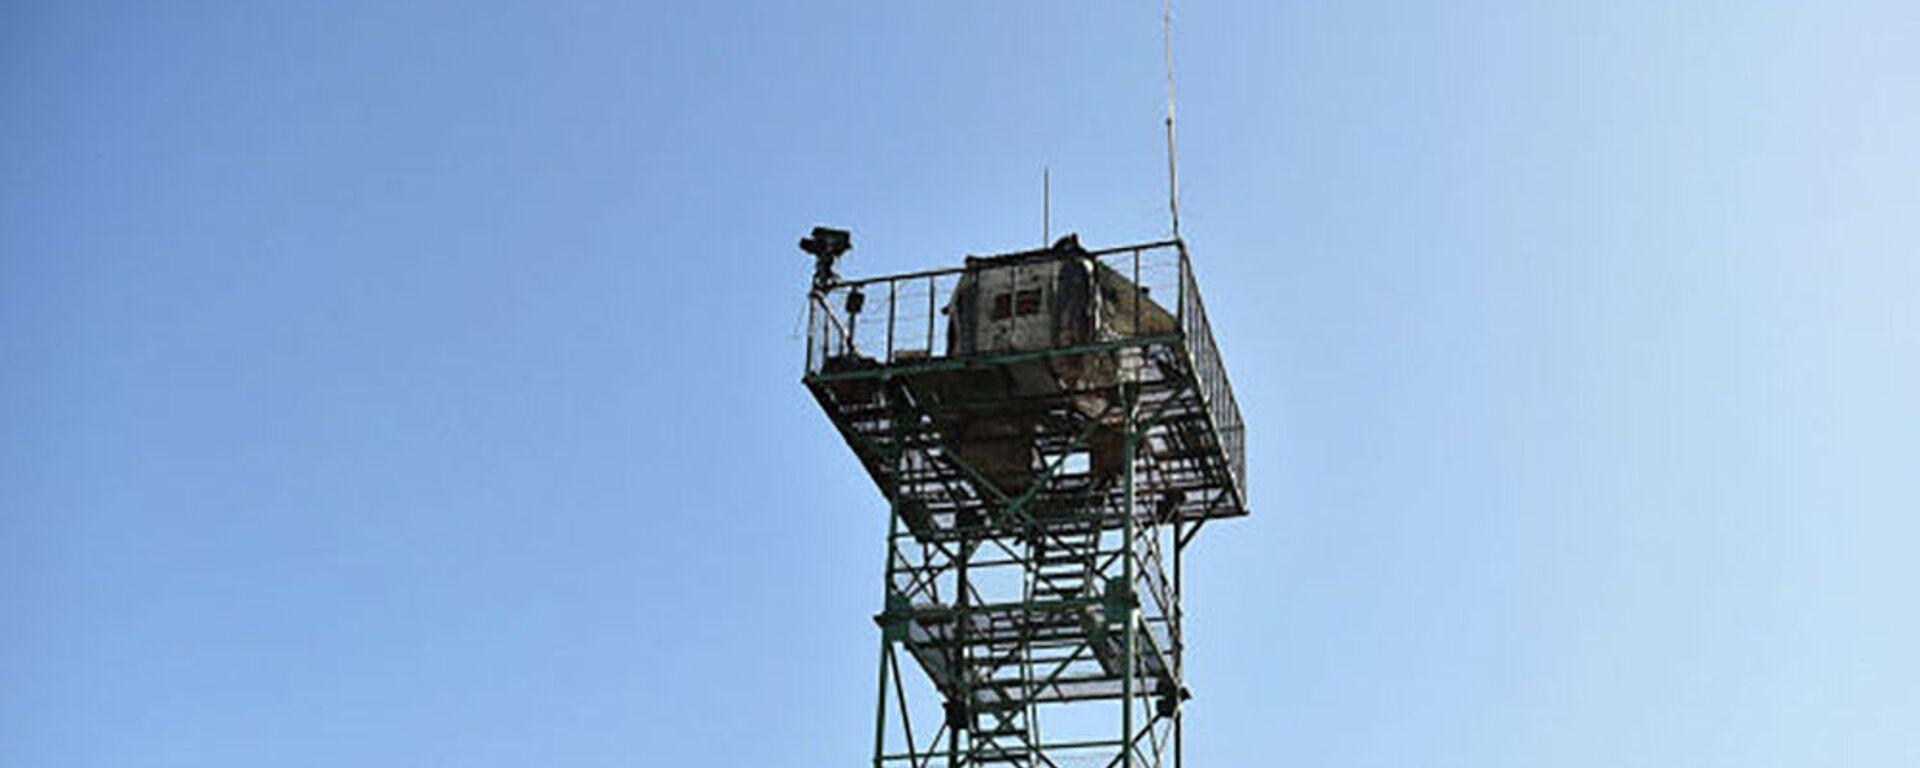 Вышка на пограничном посту Максат в Лейлекском районе Баткенской области. - Sputnik Таджикистан, 1920, 27.05.2021